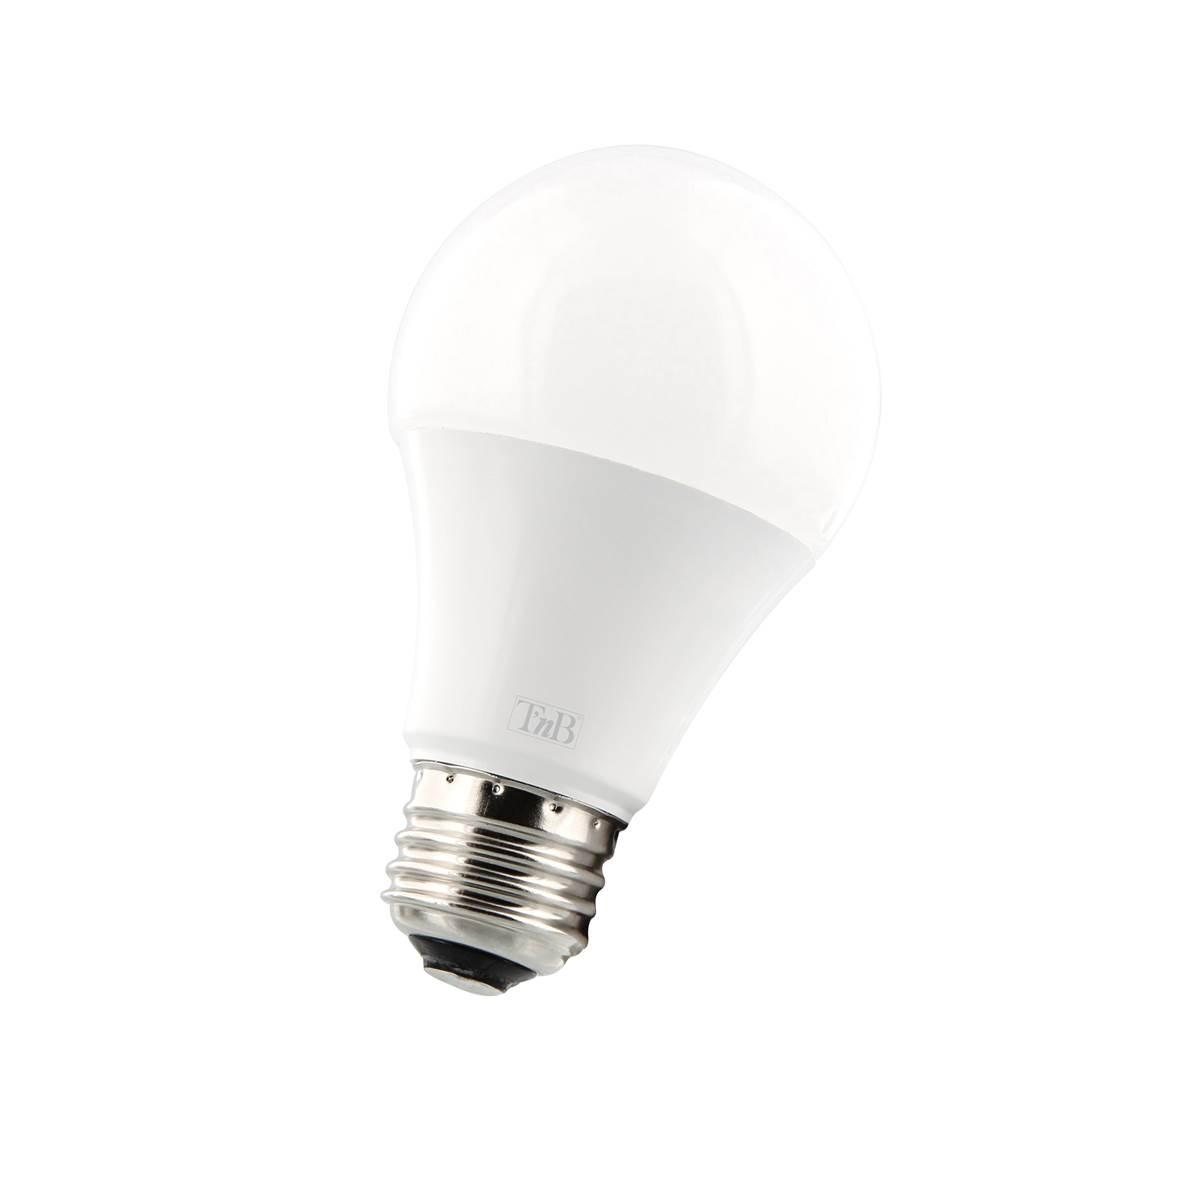 Ampoule LED blanche connectée 800 lm - TNB